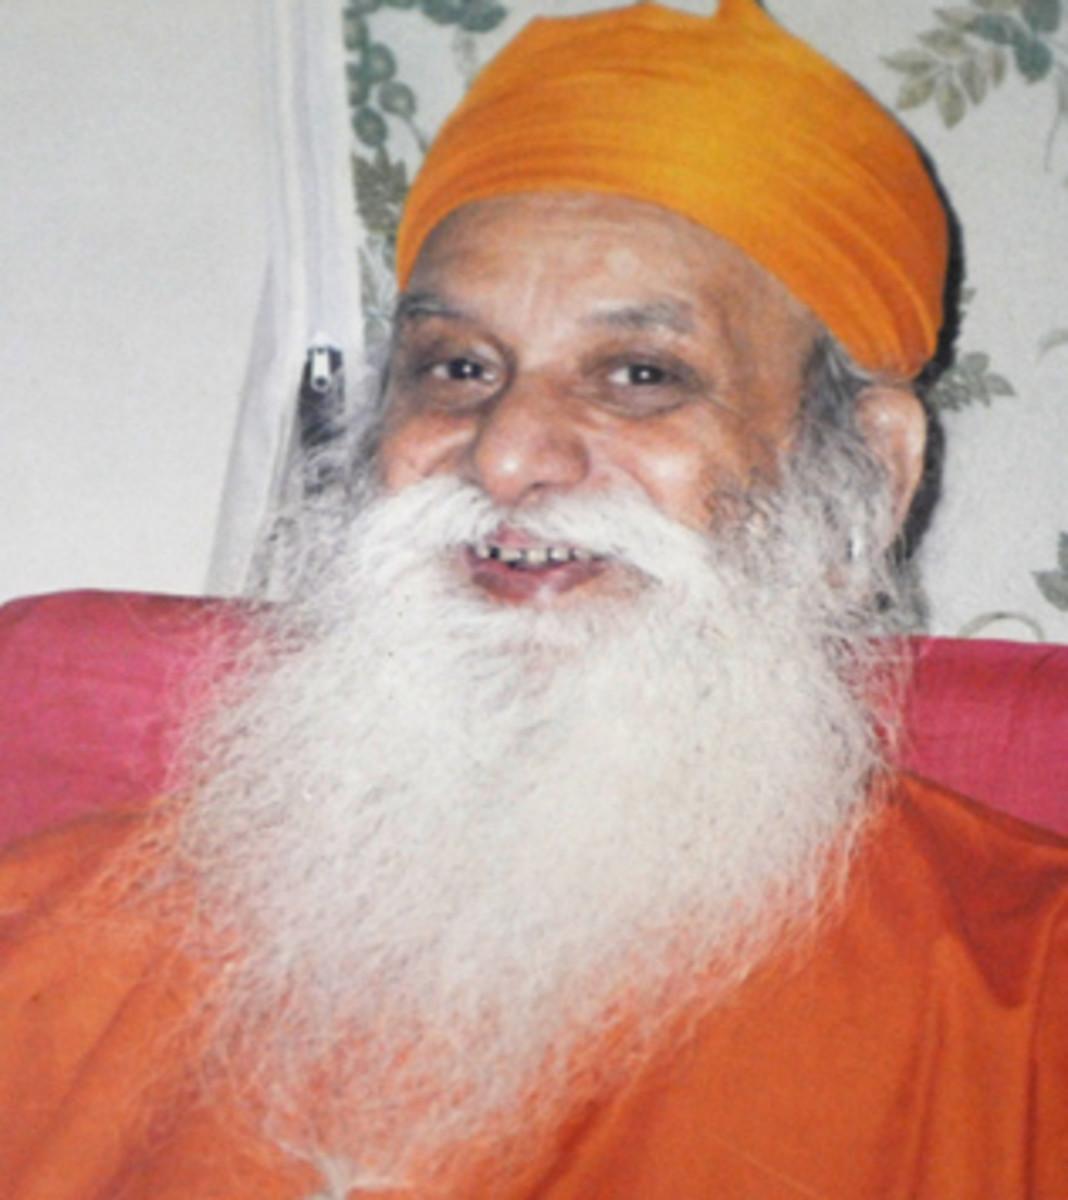 A smiling Shiv Yogi Maharaj